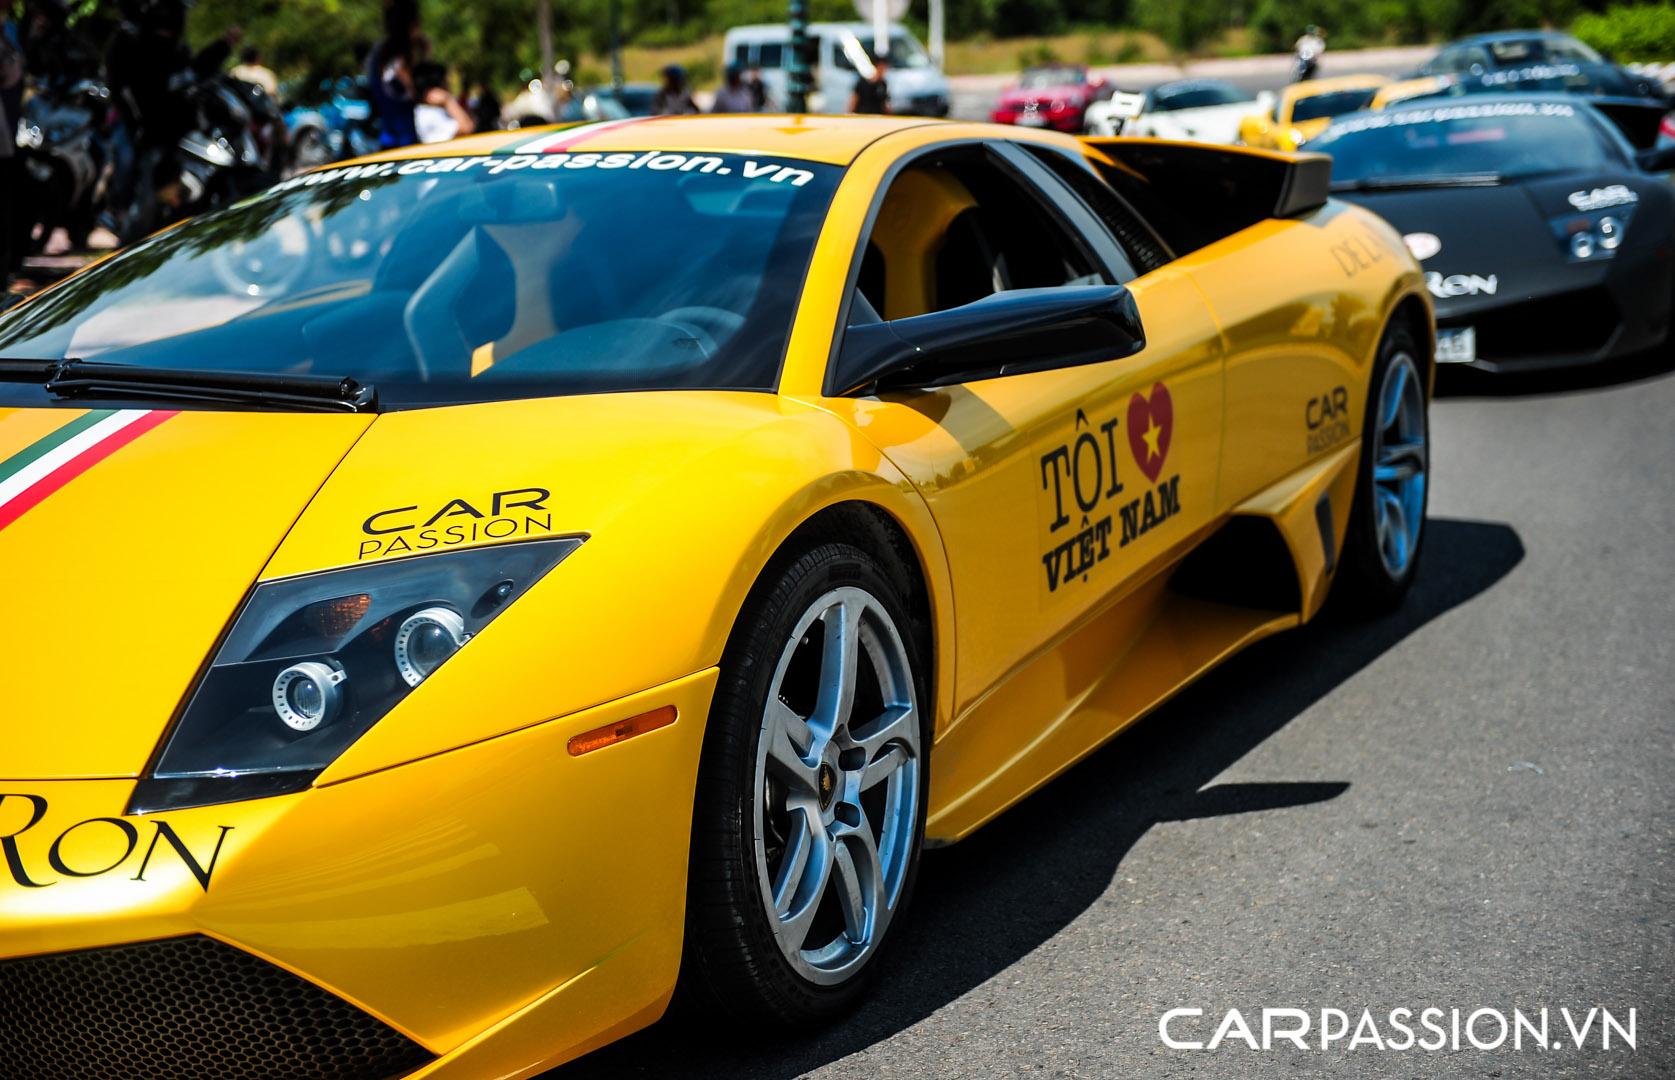 CP-Hành trình siêu xe CarPassion 2011 Day 2 (156).jpg